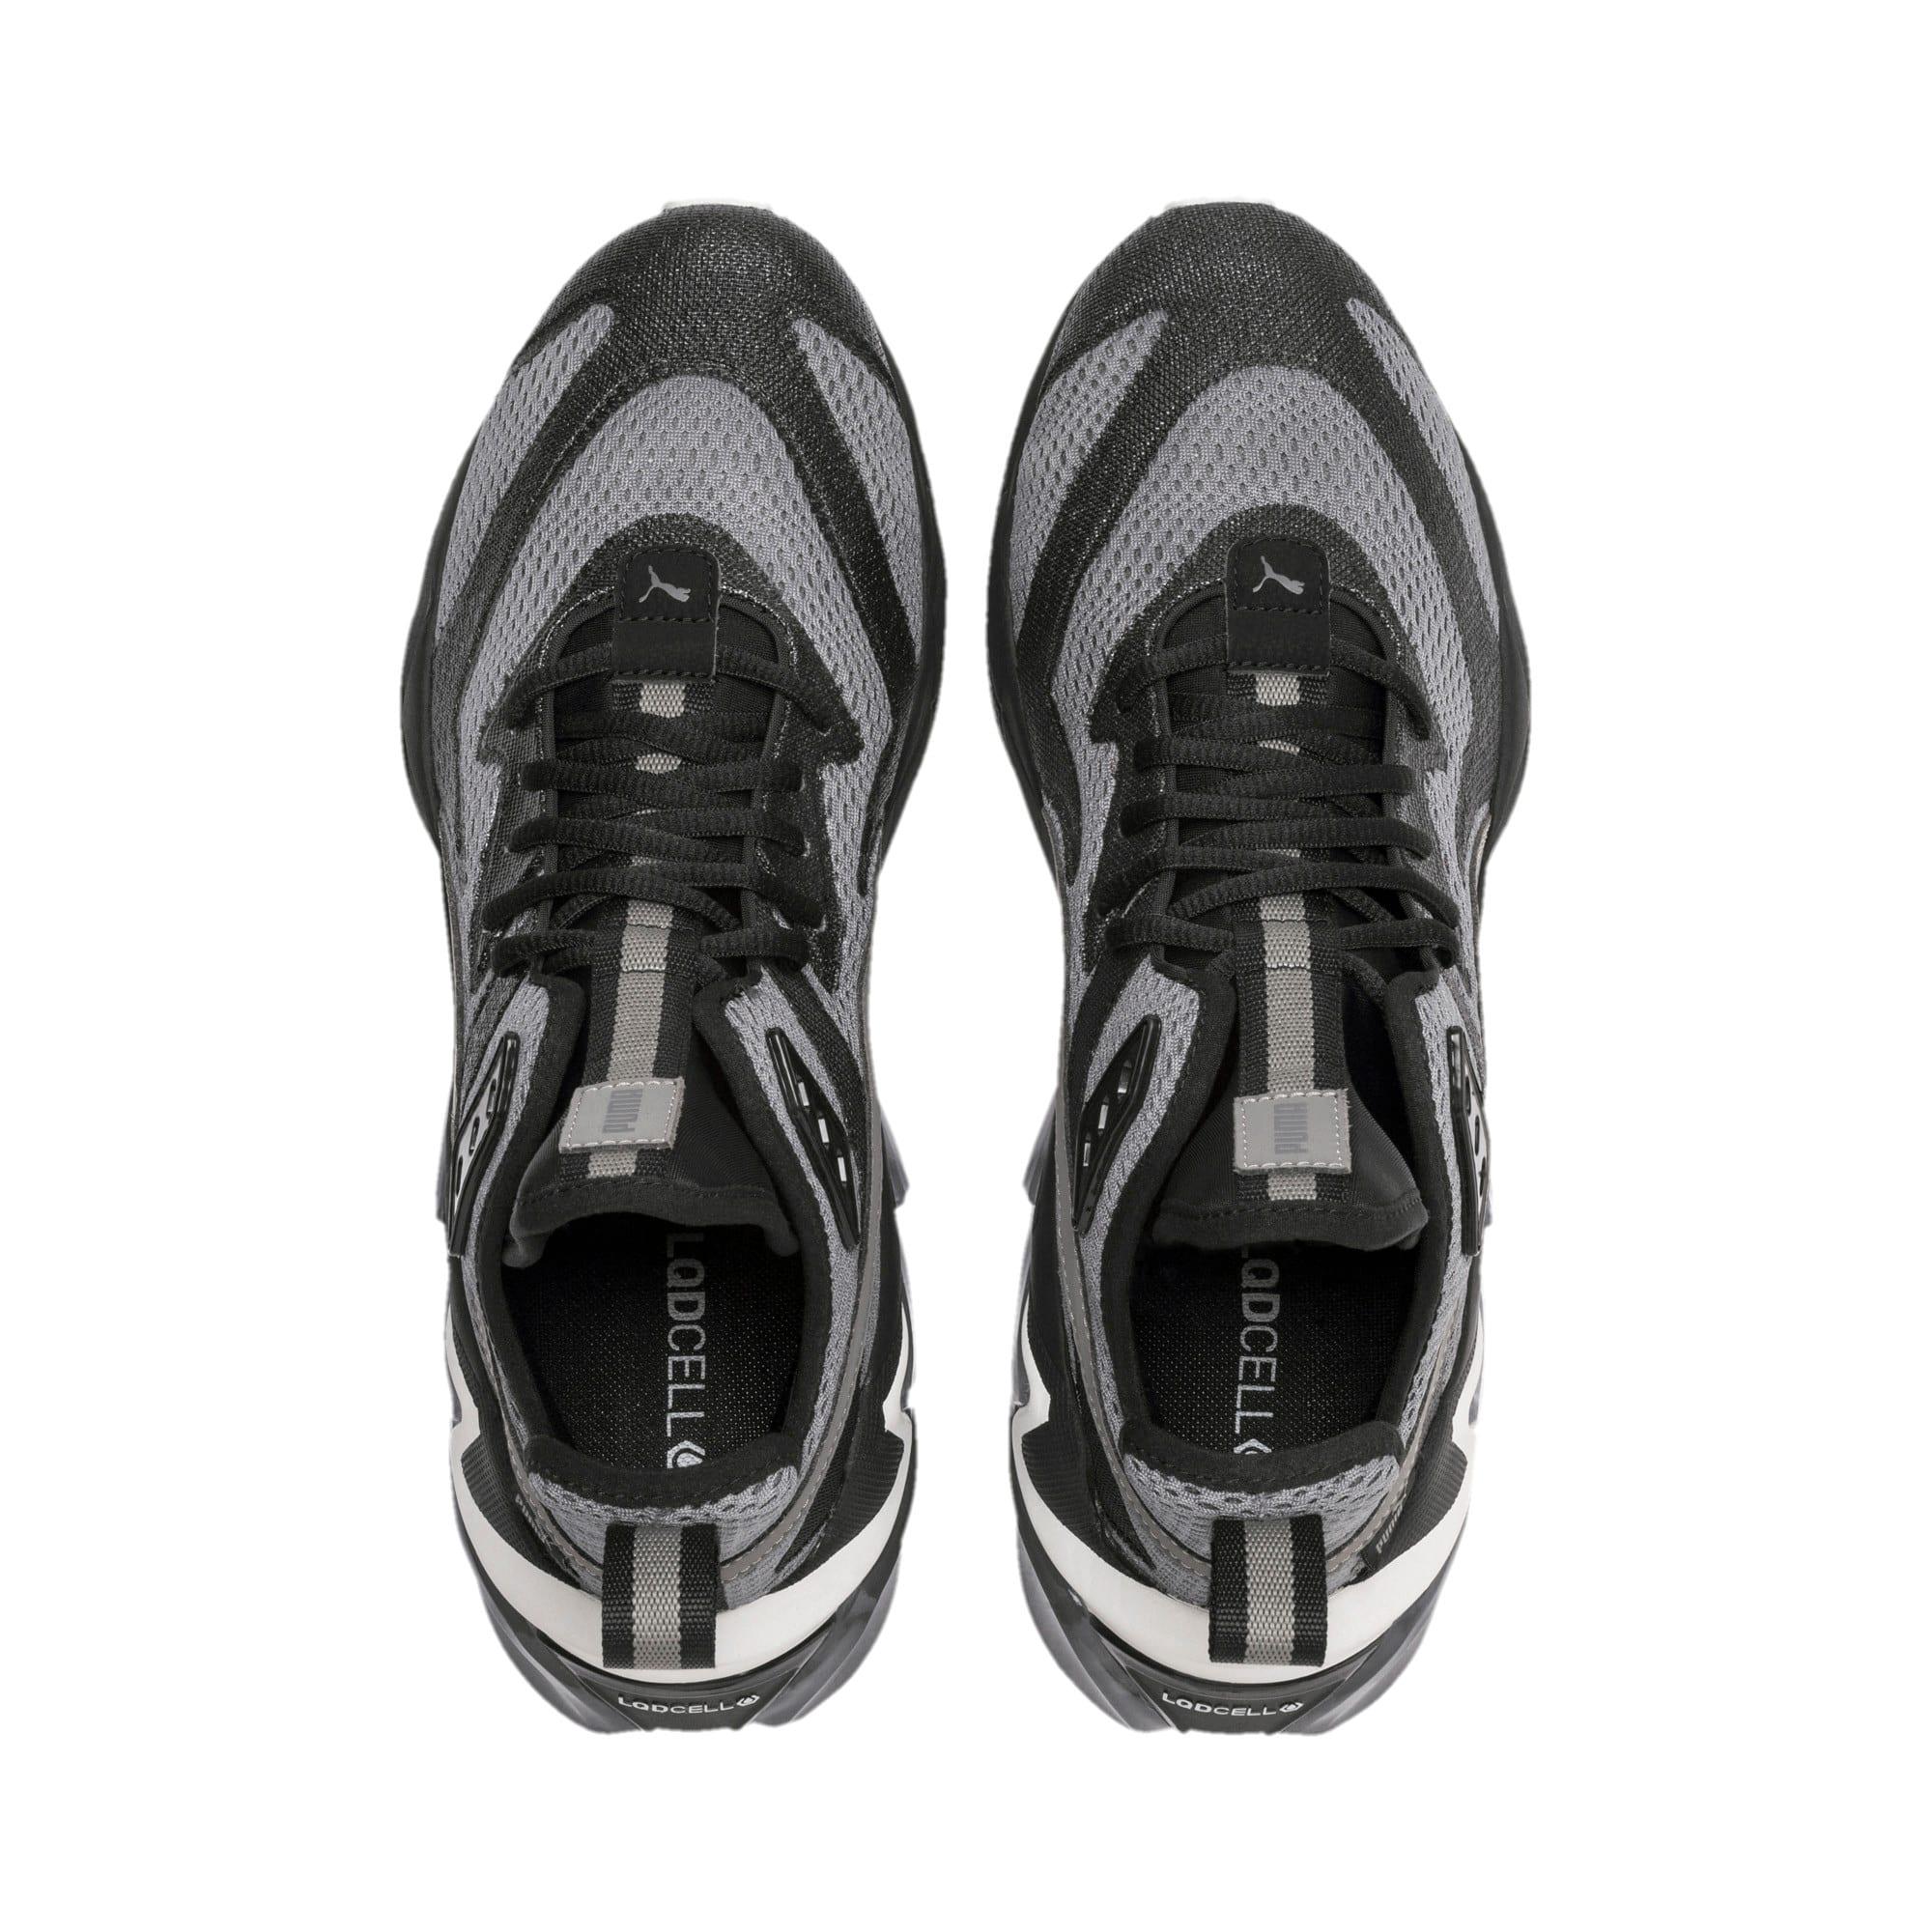 Thumbnail 7 of Chaussure d'entraînement LQDCELL Origin Tech pour homme, Puma Black-CASTLEROCK, medium